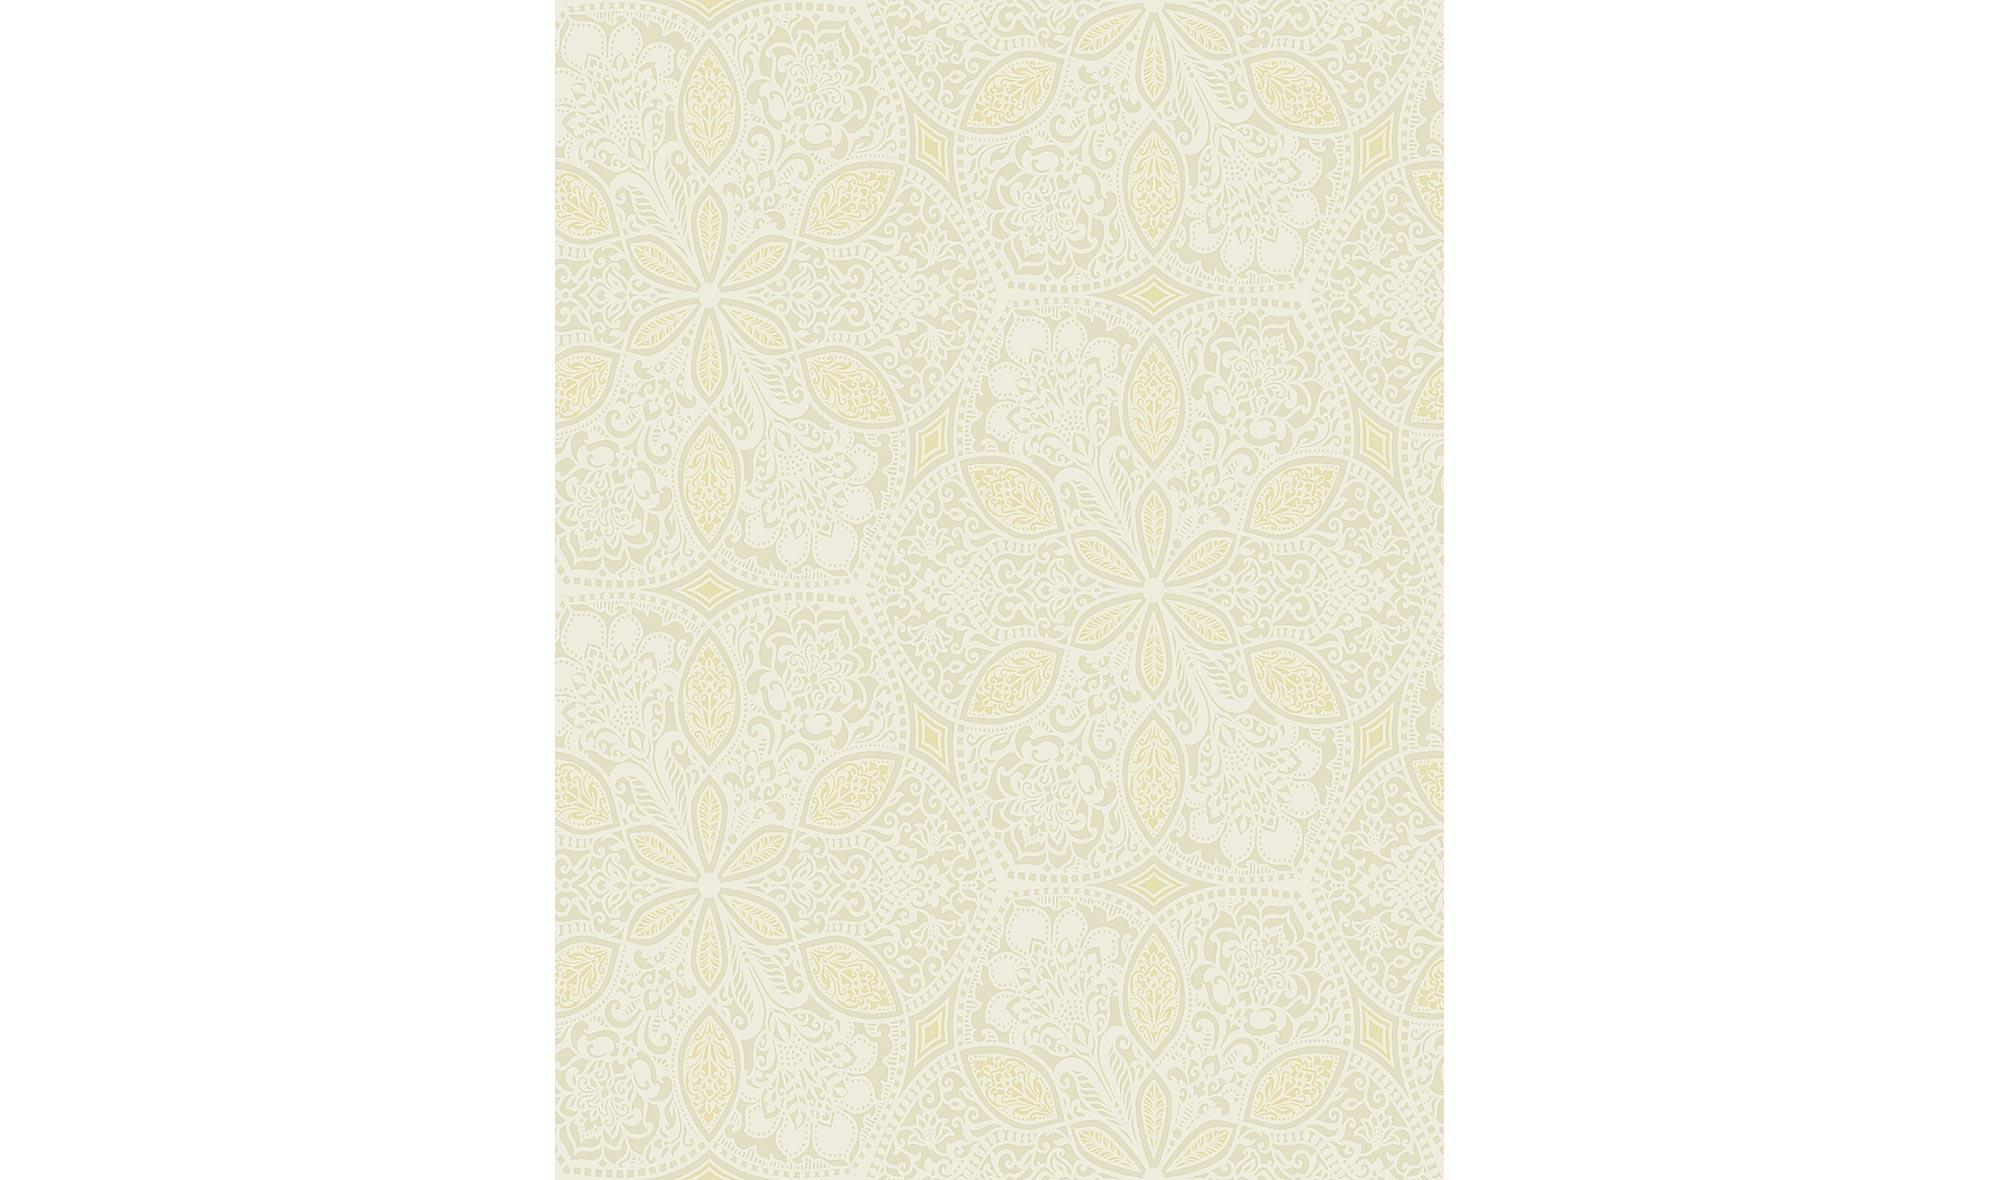 Rollo de papel pintado motivo floral claro en for Papel pintado muebles